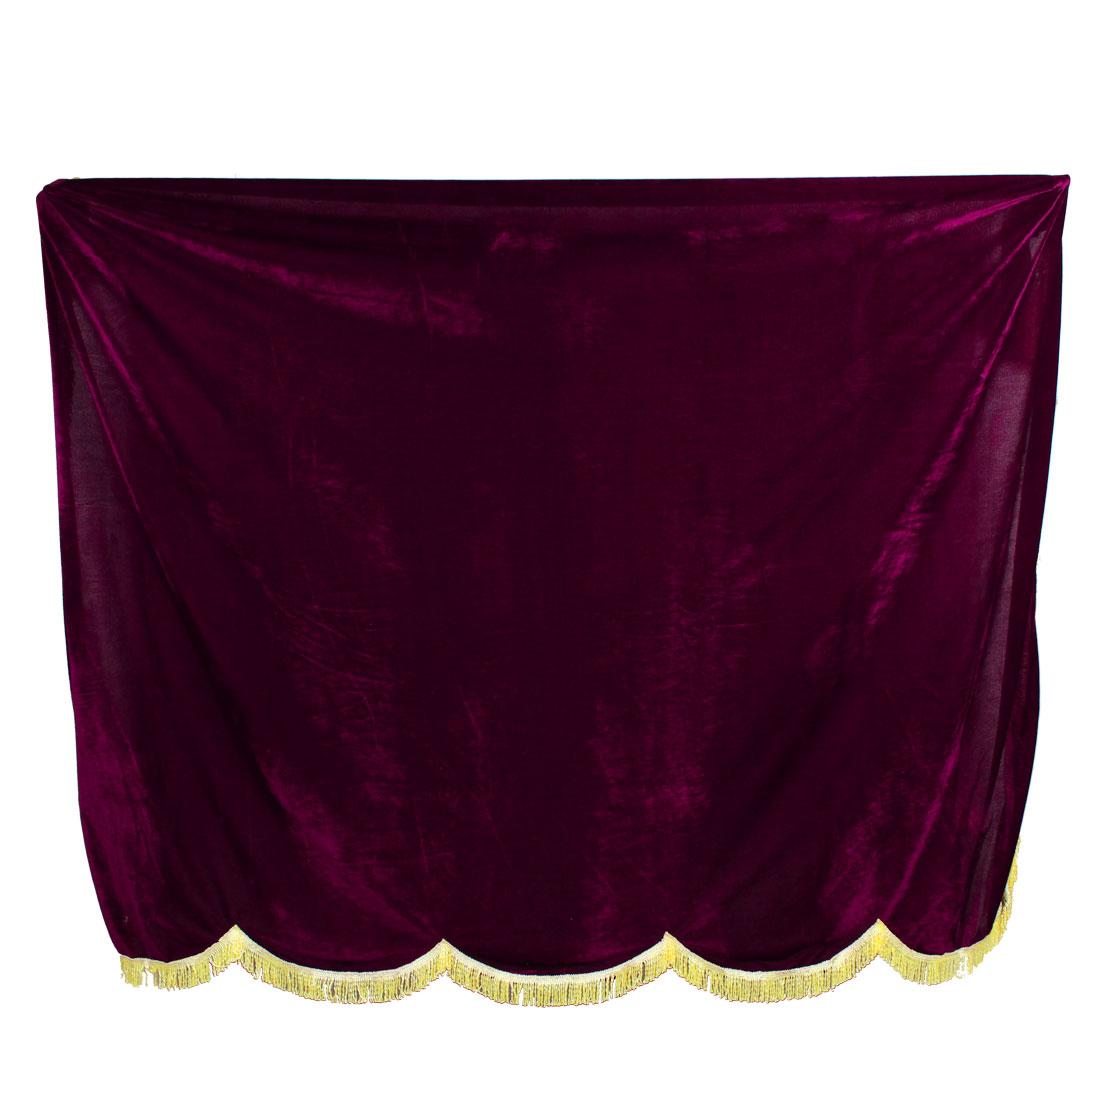 Tassels Trim Velet Overlay Piano Full Cover Dark Burgundy 1.53mx1.48m